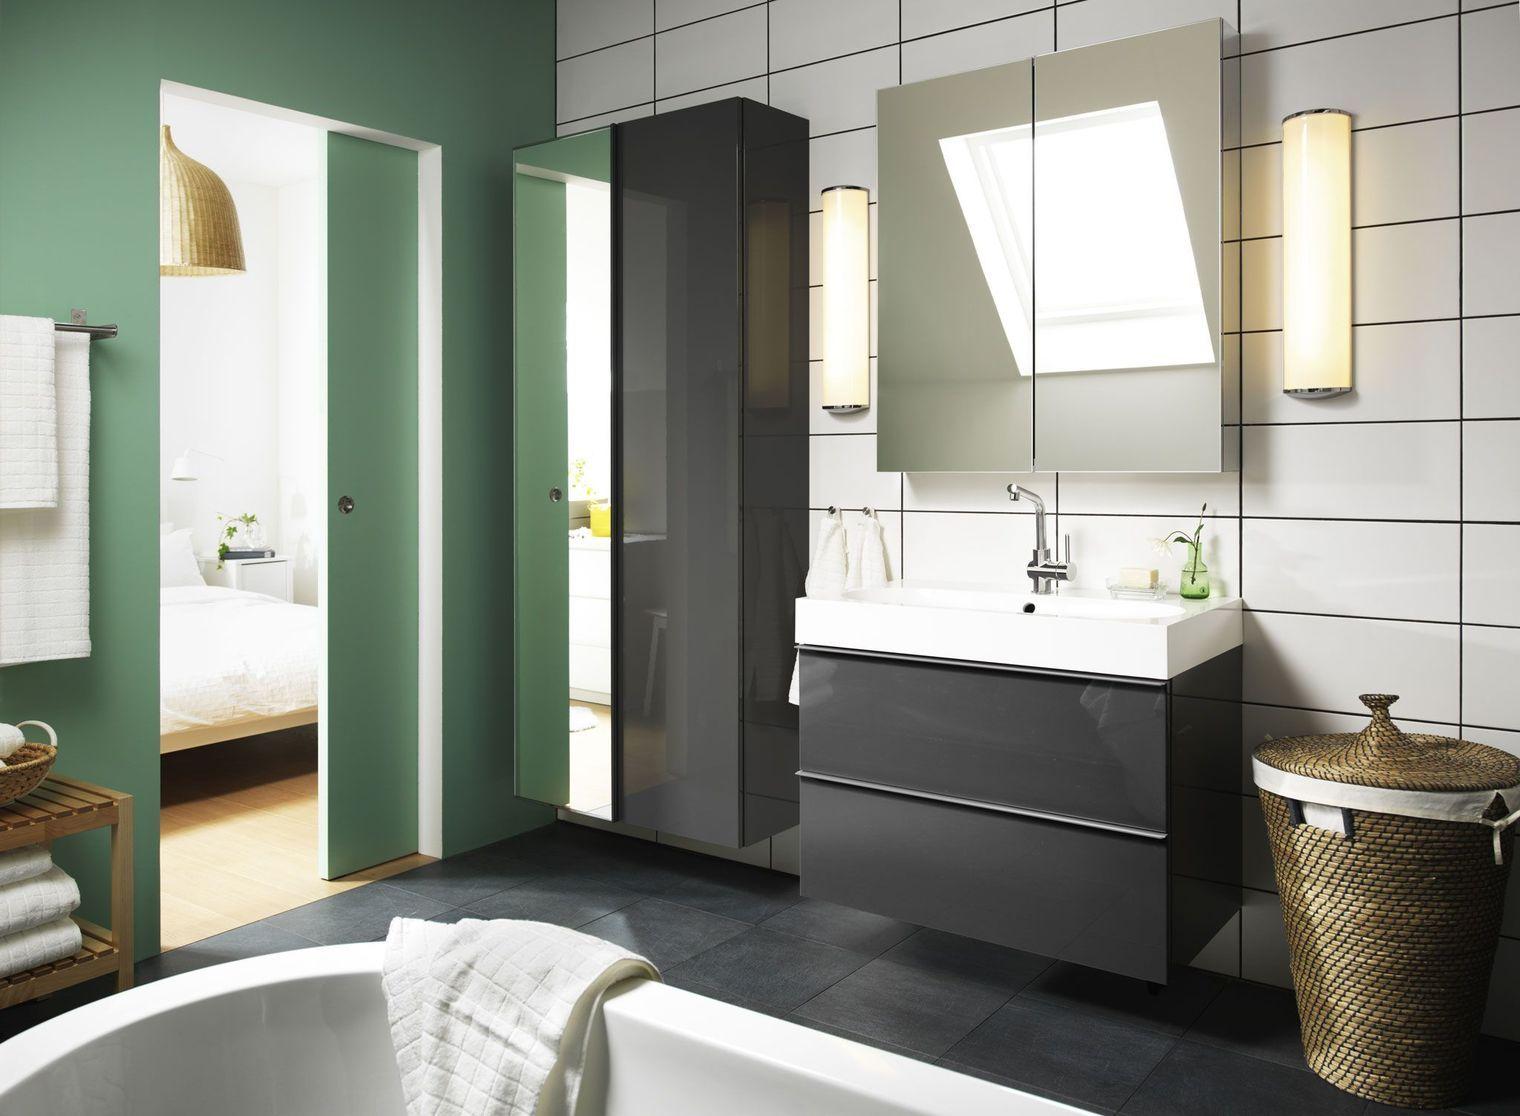 Meuble salle bain bois design ikea lapeyre salle - Ikea salle de bain petit espace ...